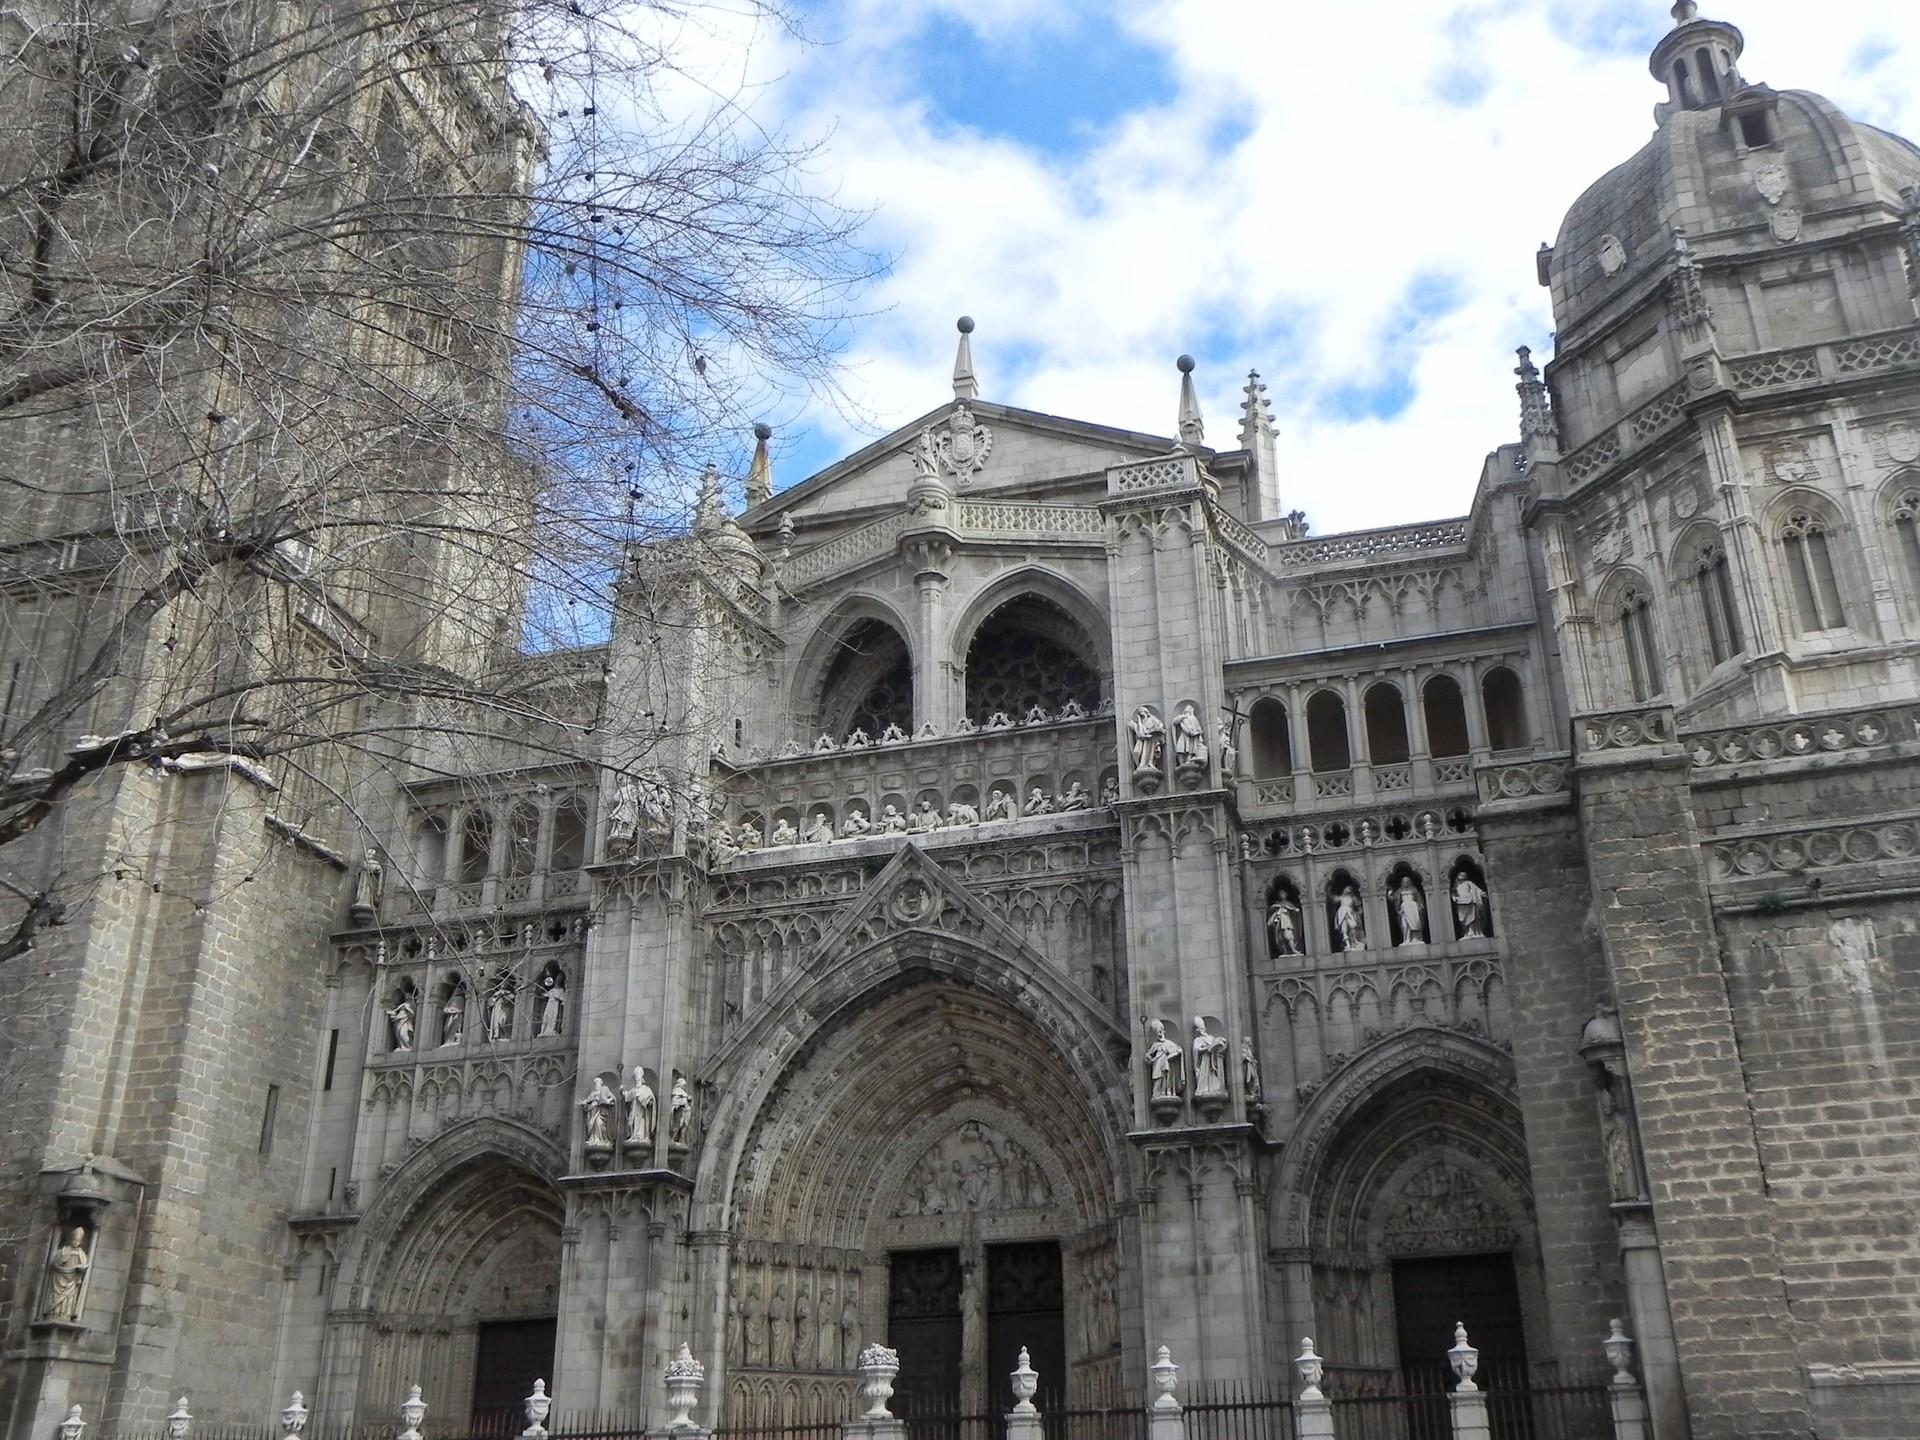 Z wizytą w moim rodzinnym mieście, Madrycie